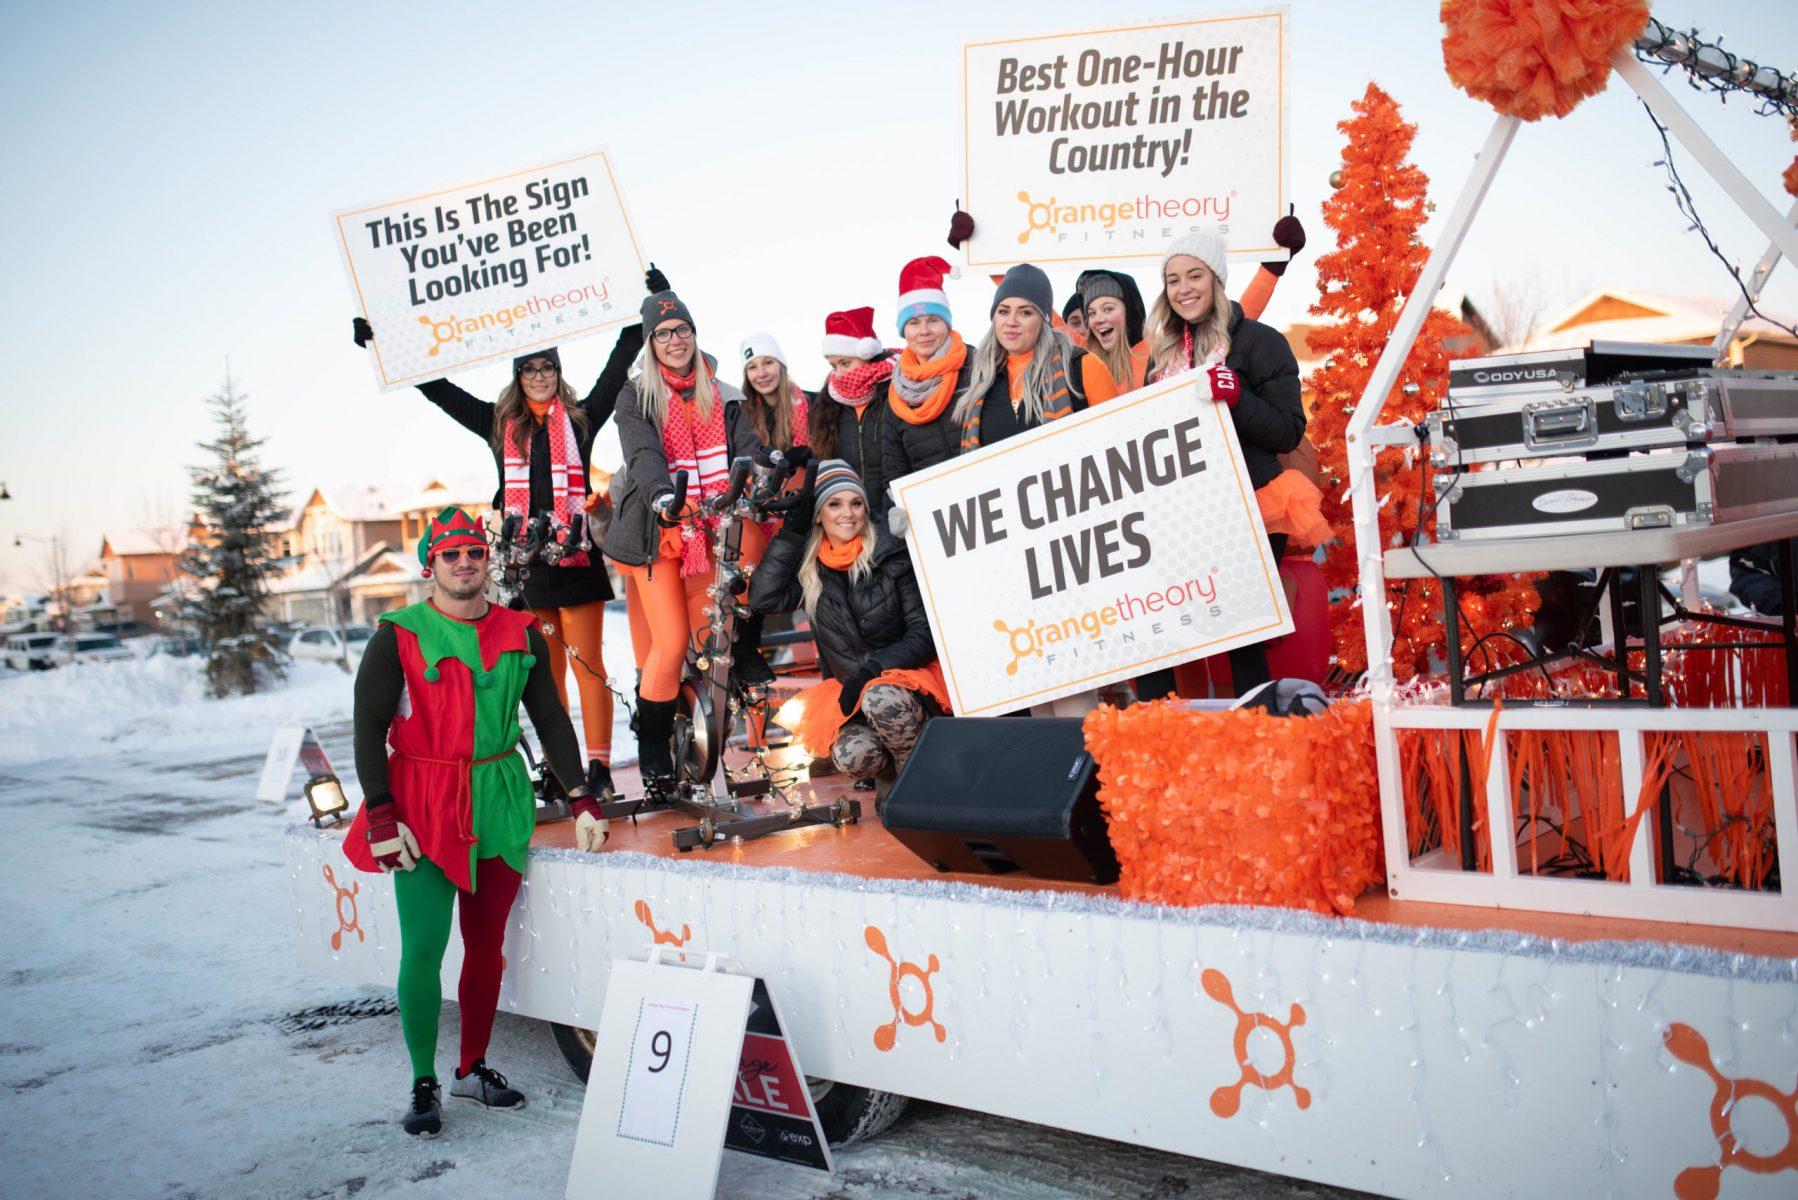 Auburn-Bay-Christmas-Parade-2019-9-scaled